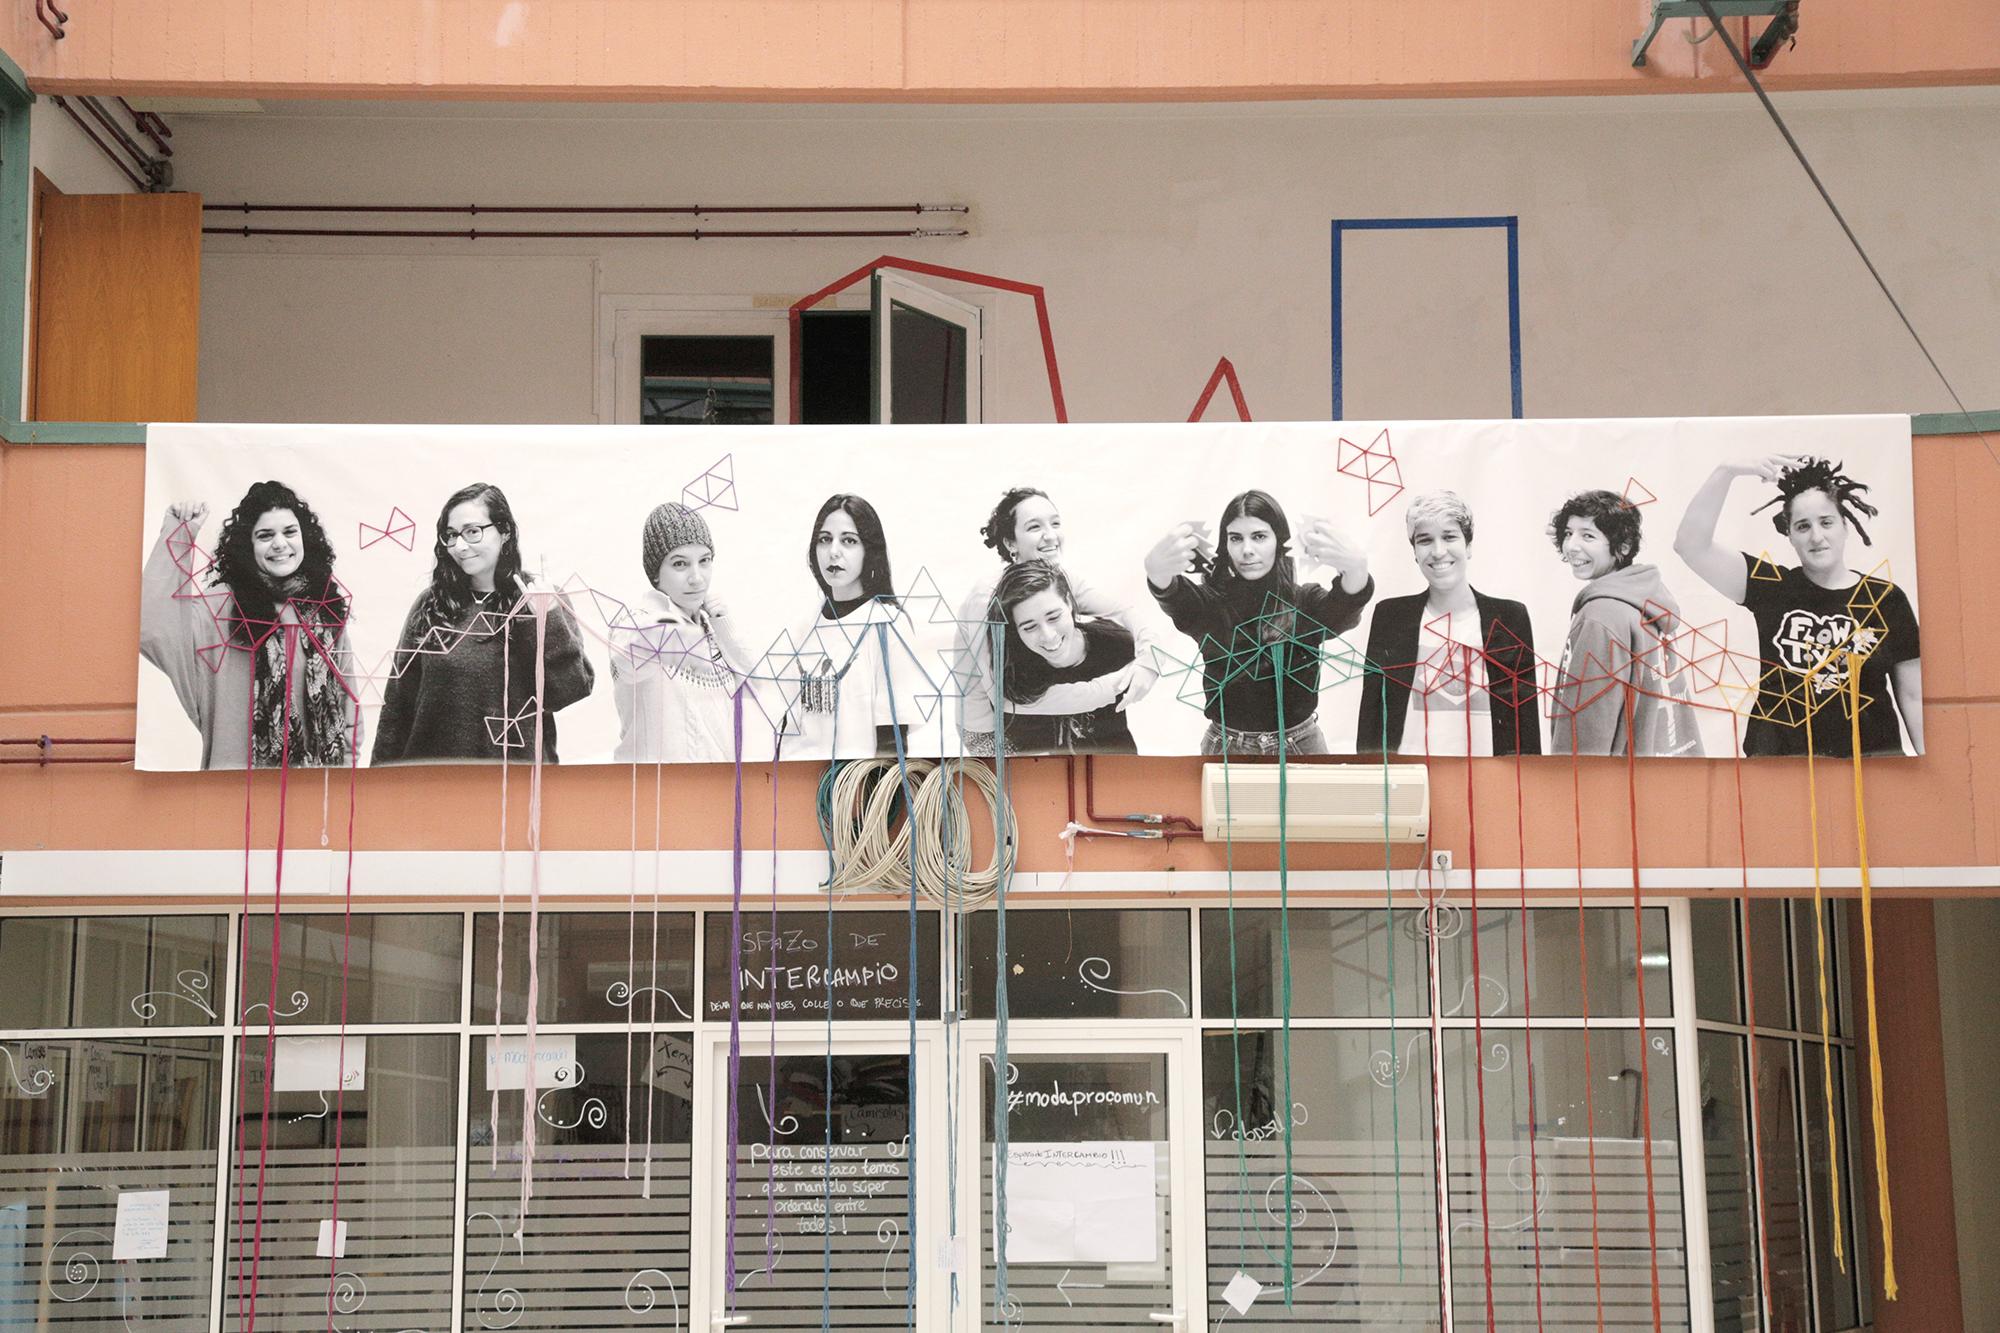 Instalación artística de Lorena Cosba, Delas Fest 2019